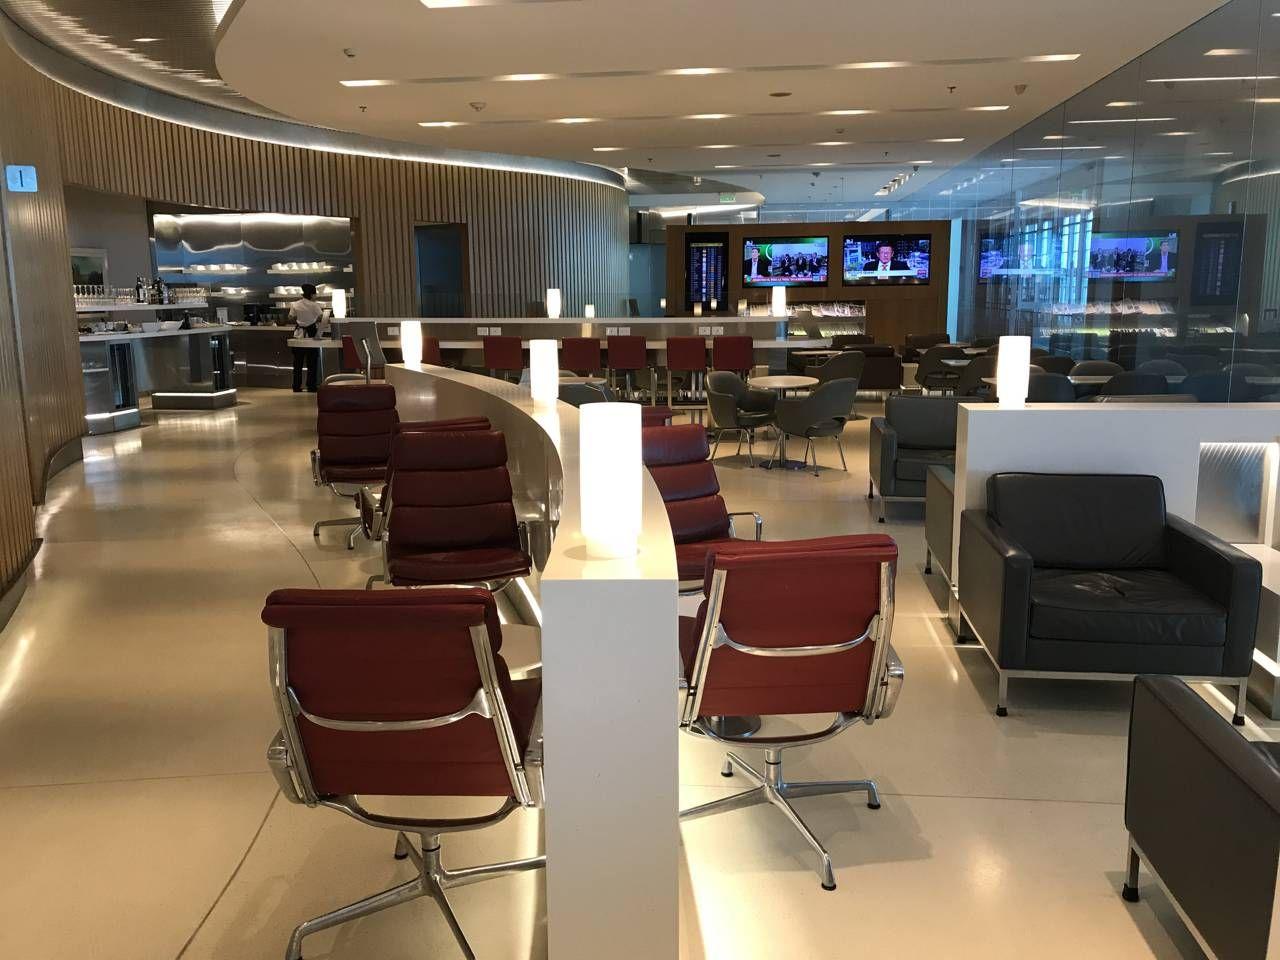 Sala VIP Admirals Club – Aeroporto de Buenos Aires (EZE)